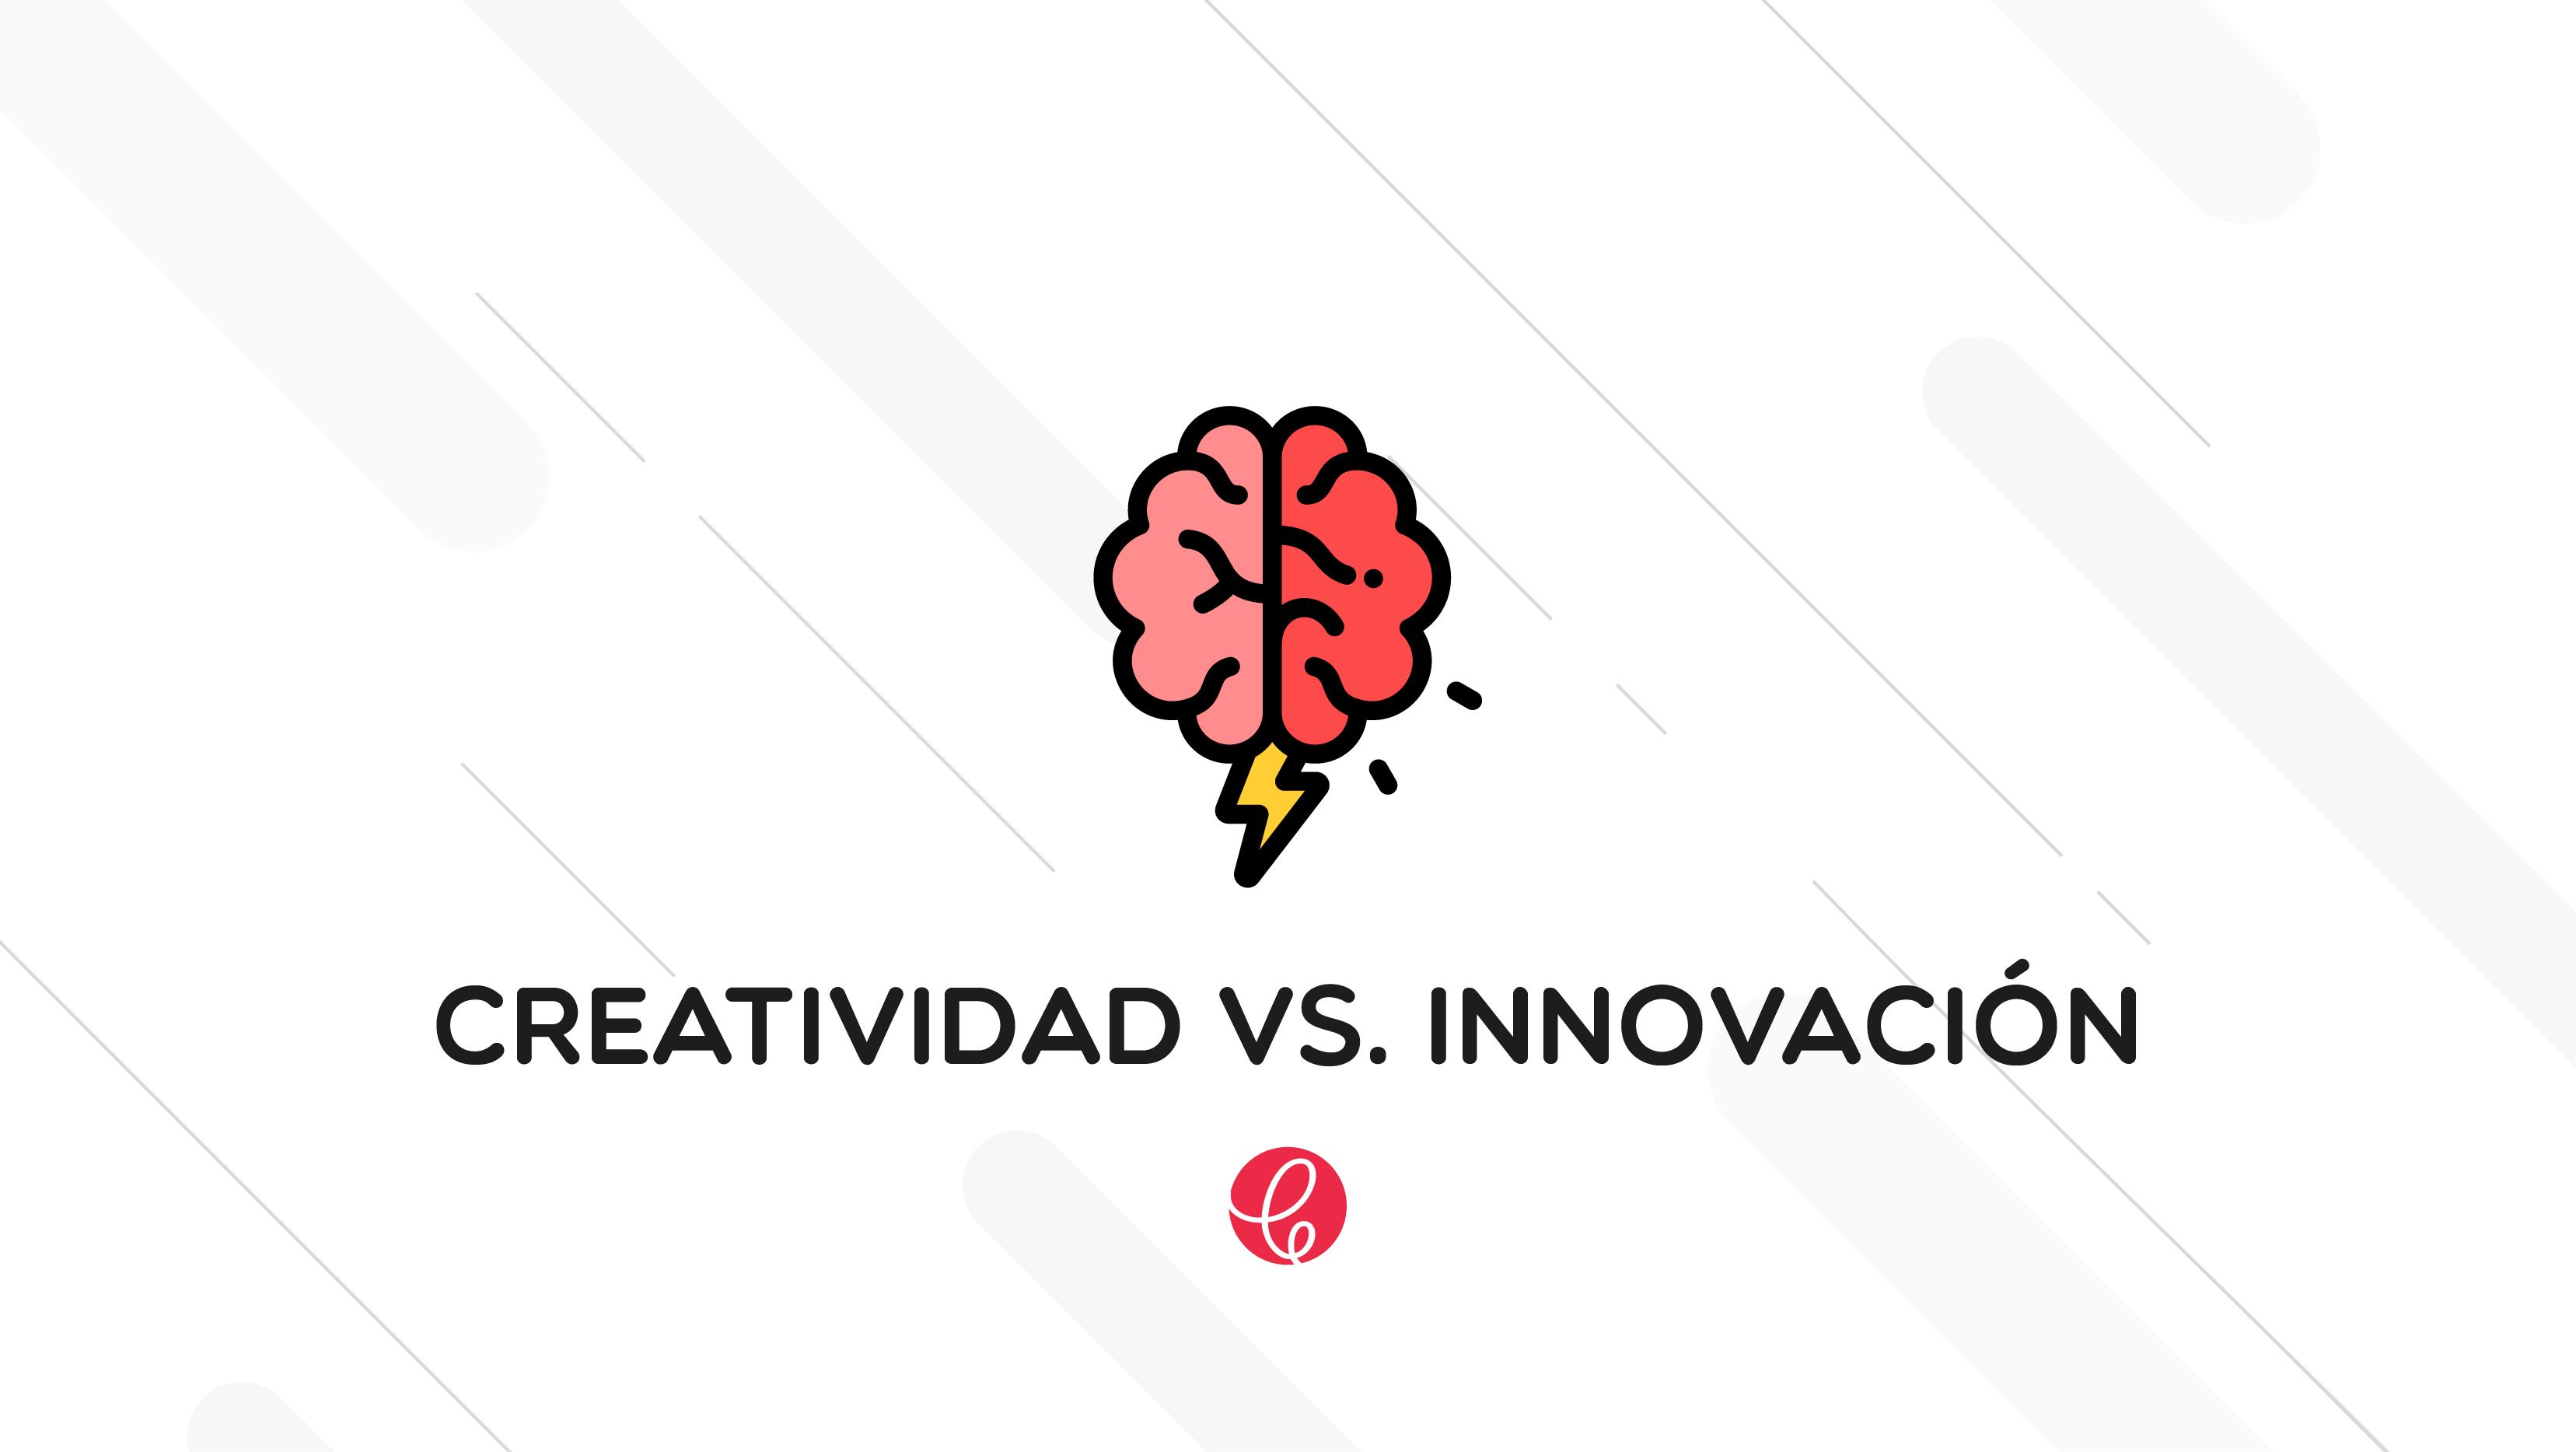 creatividad vs innovacion